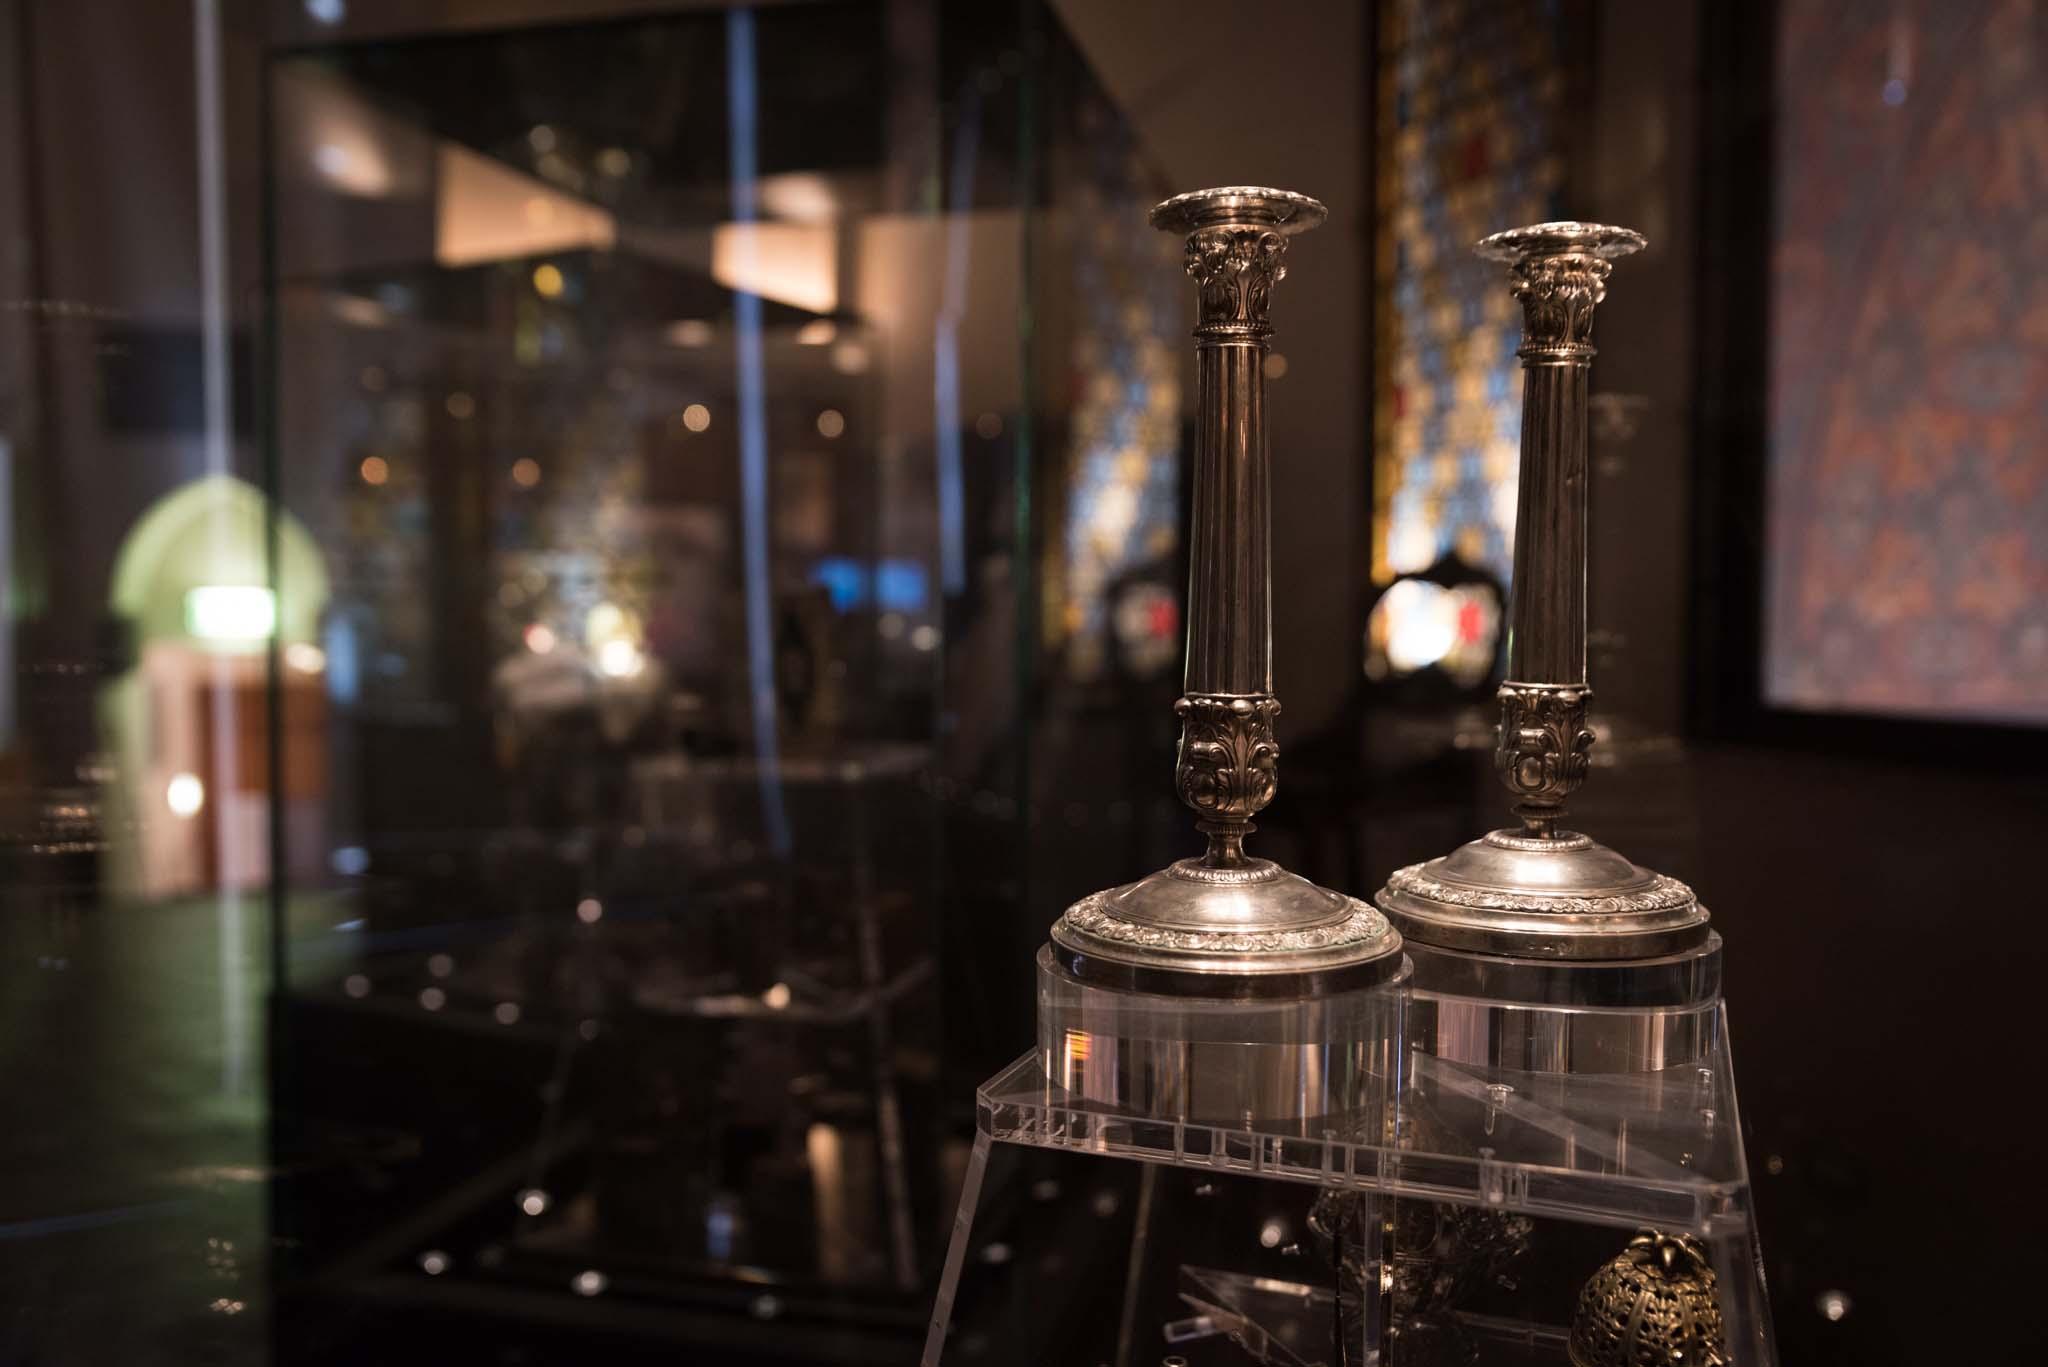 Museo-Ebraico-Firenze-Frankenstein-2113